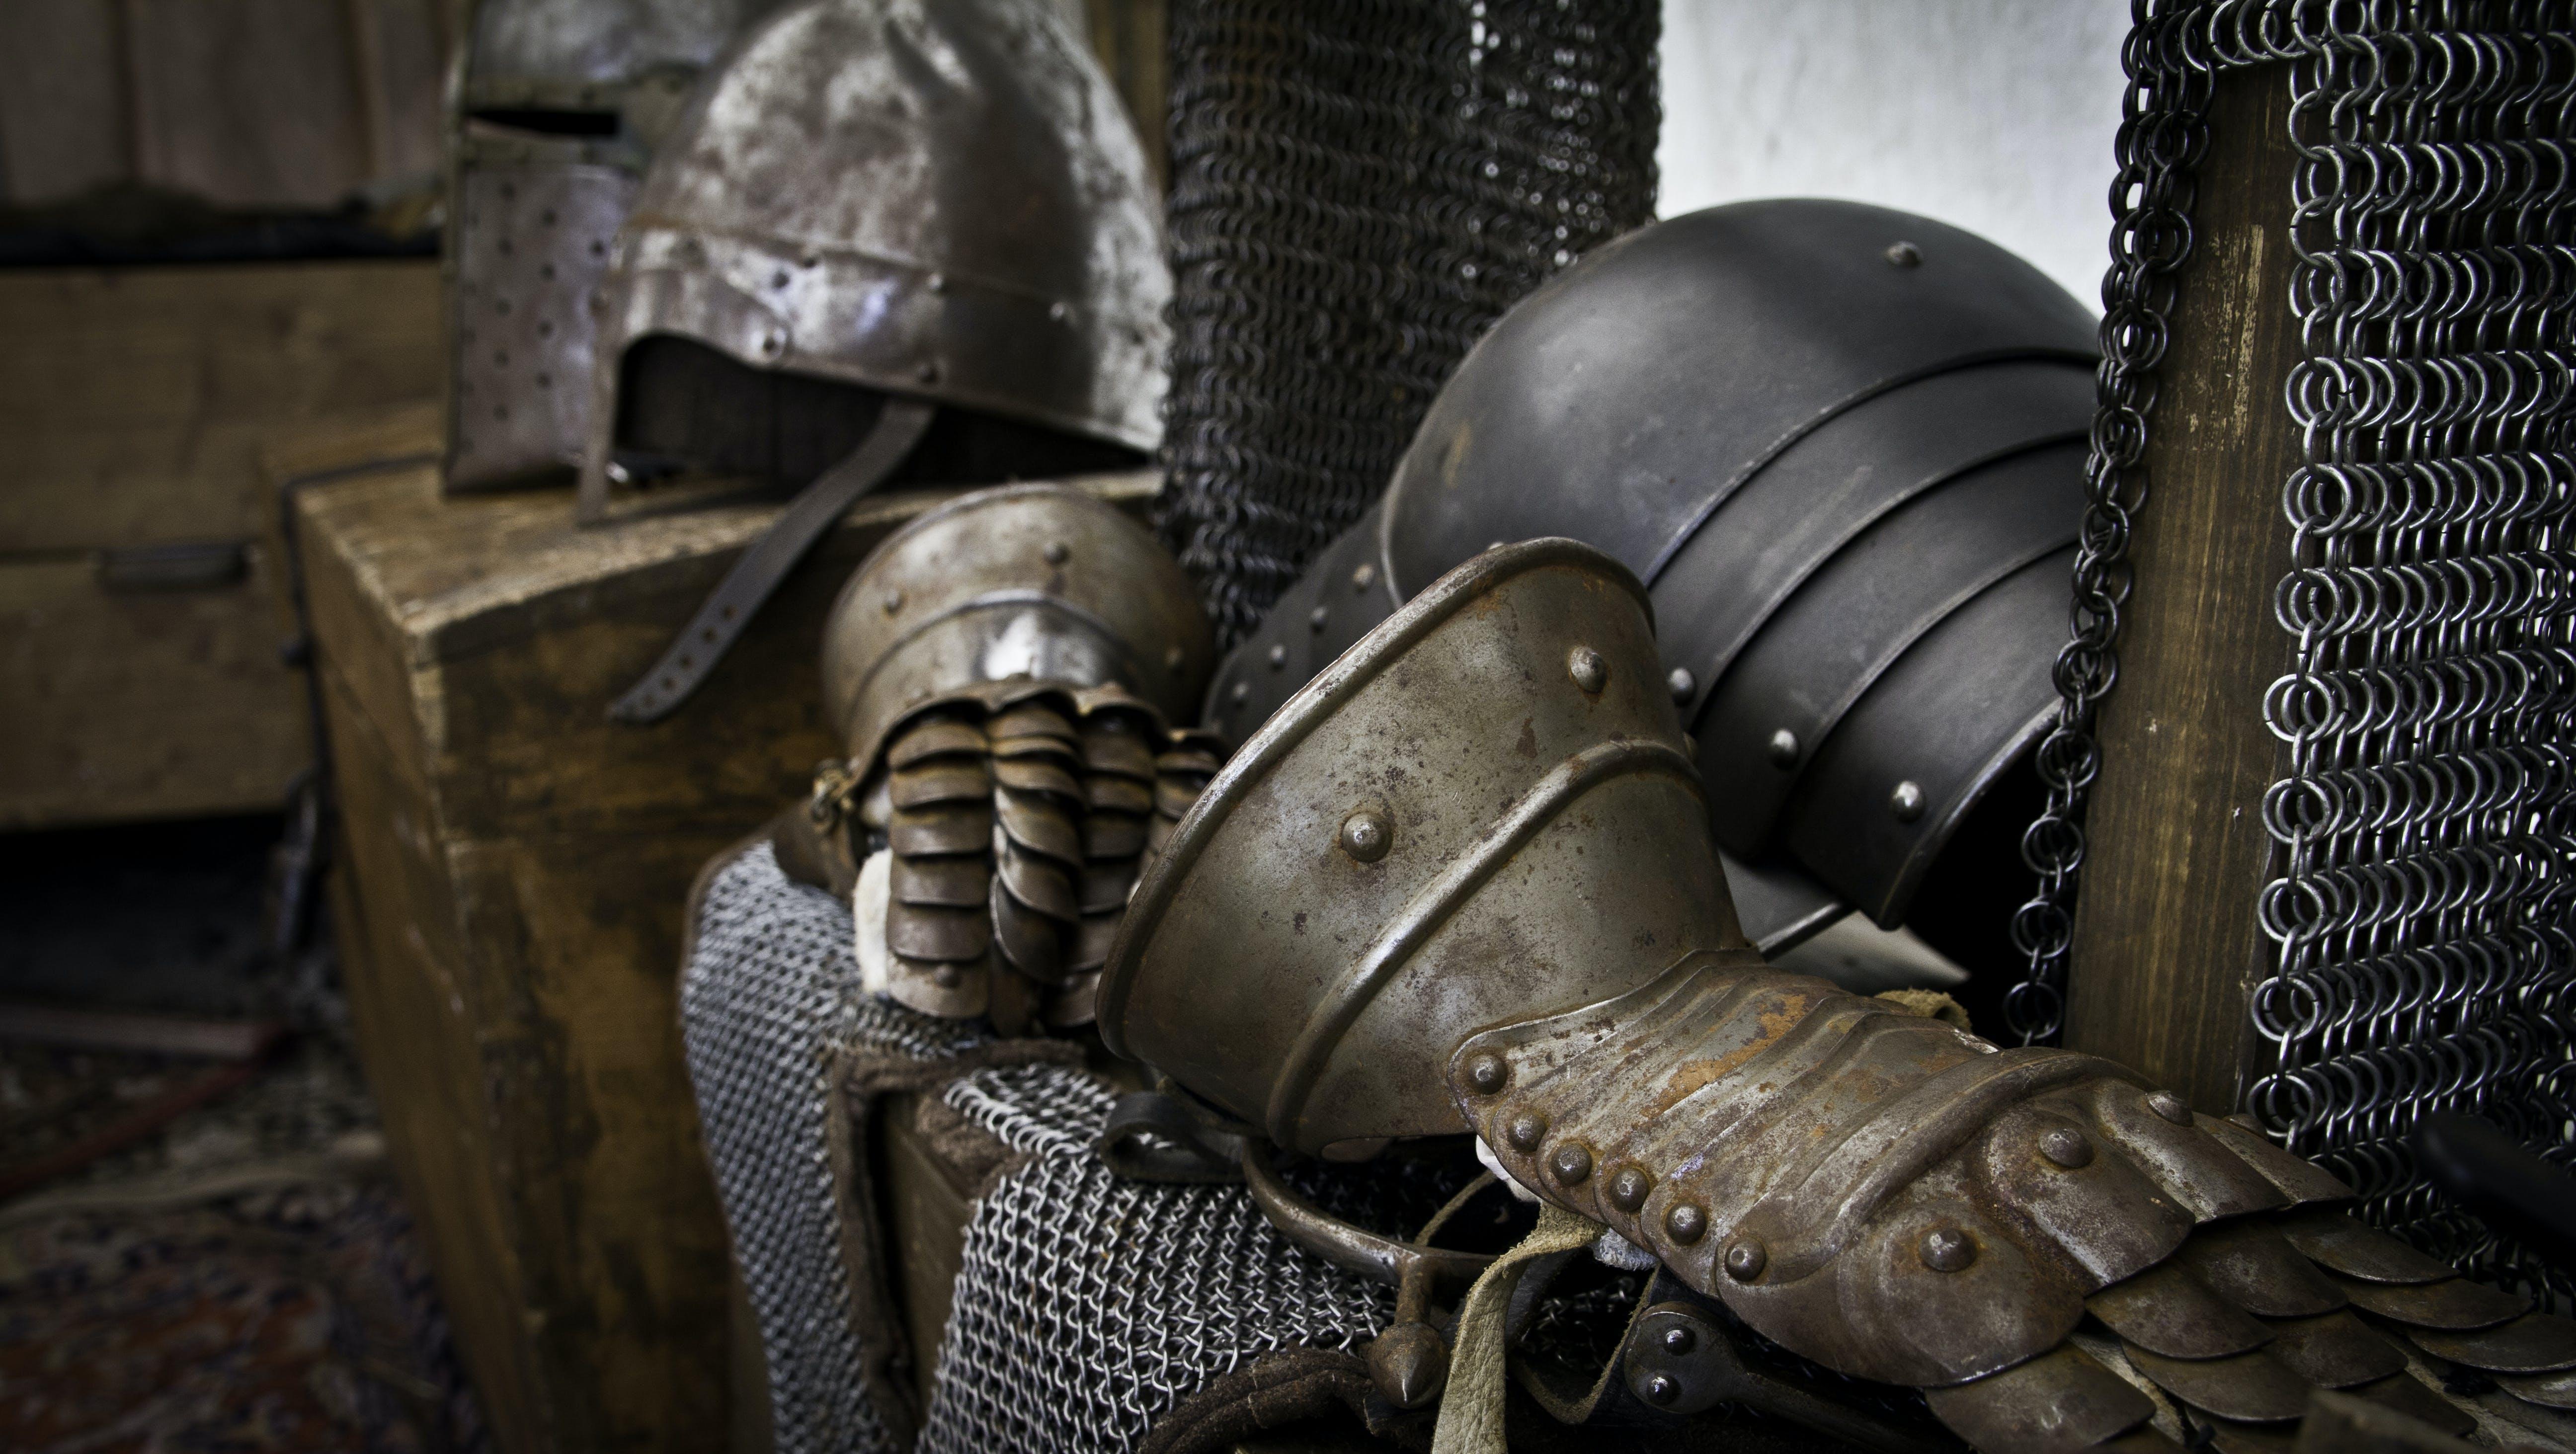 armor, clothes iron, glow